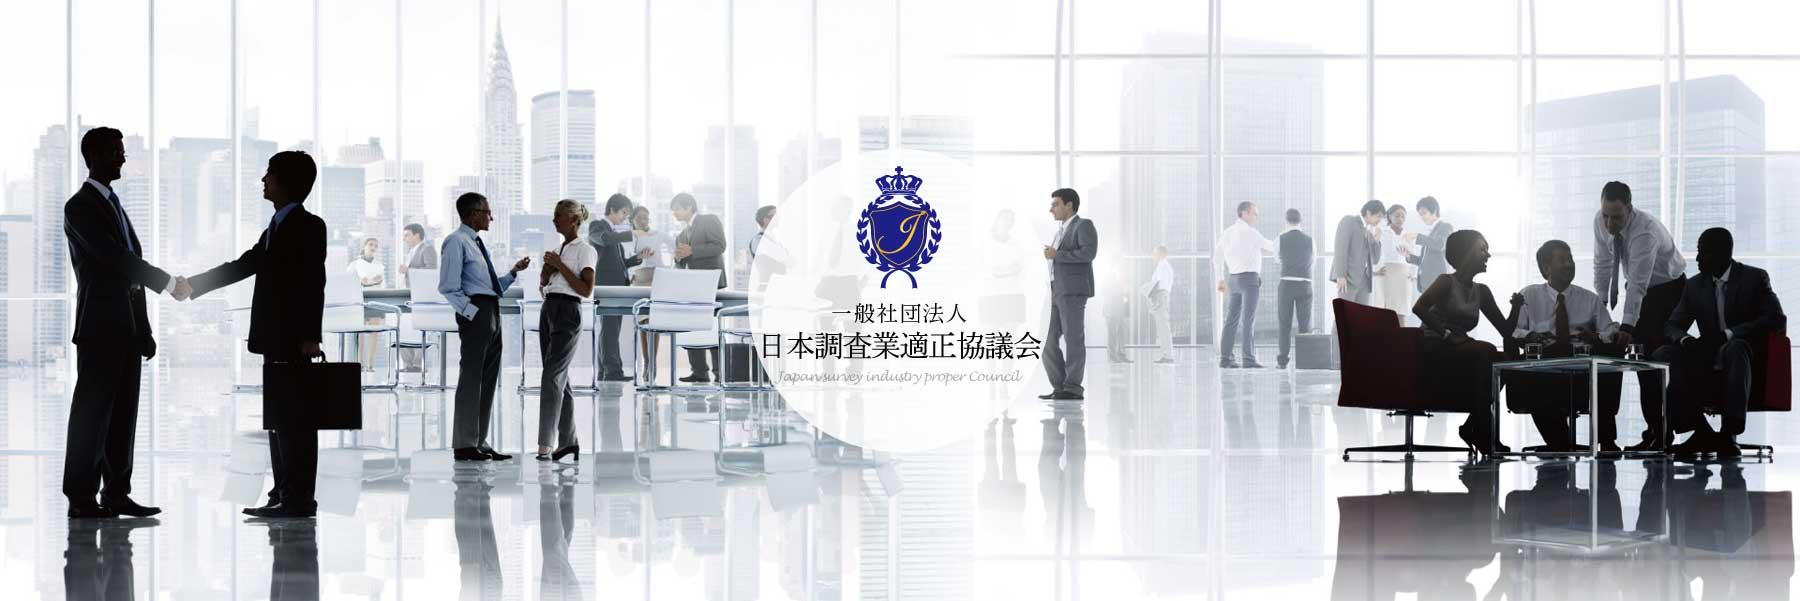 探偵は日本調査業適性協議会